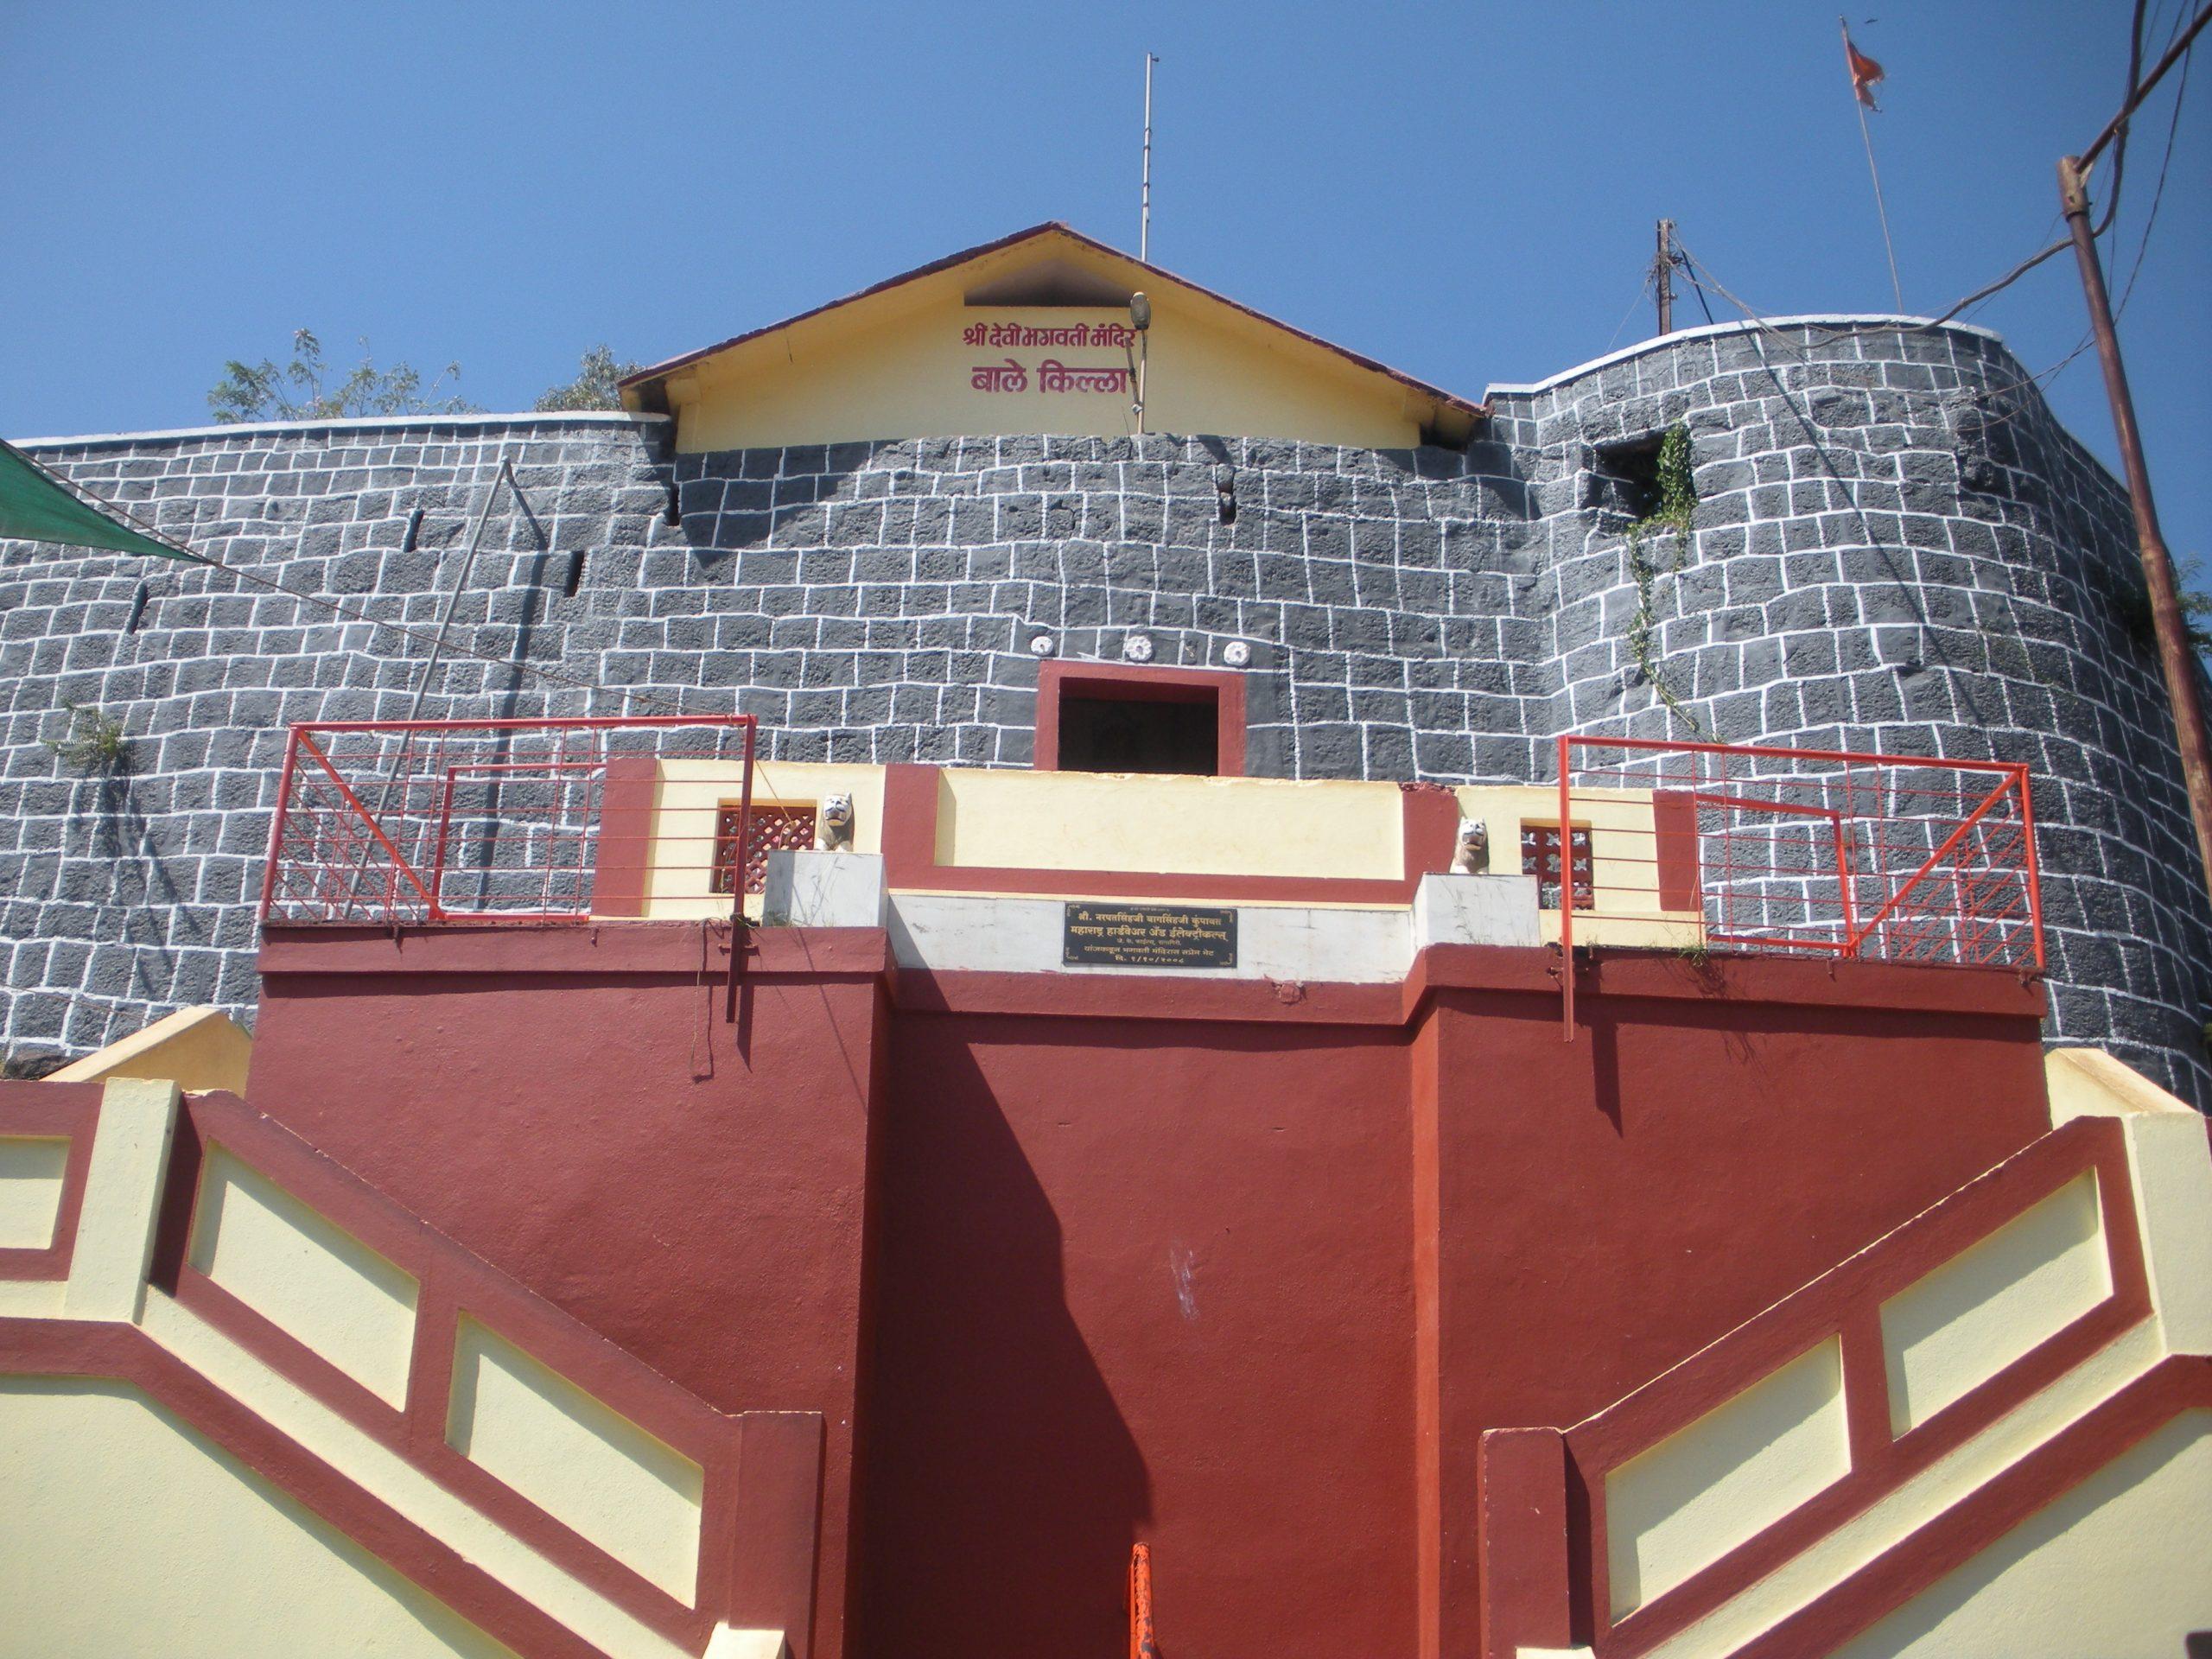 Visit Ratnadurga Fort in Ratnagiri